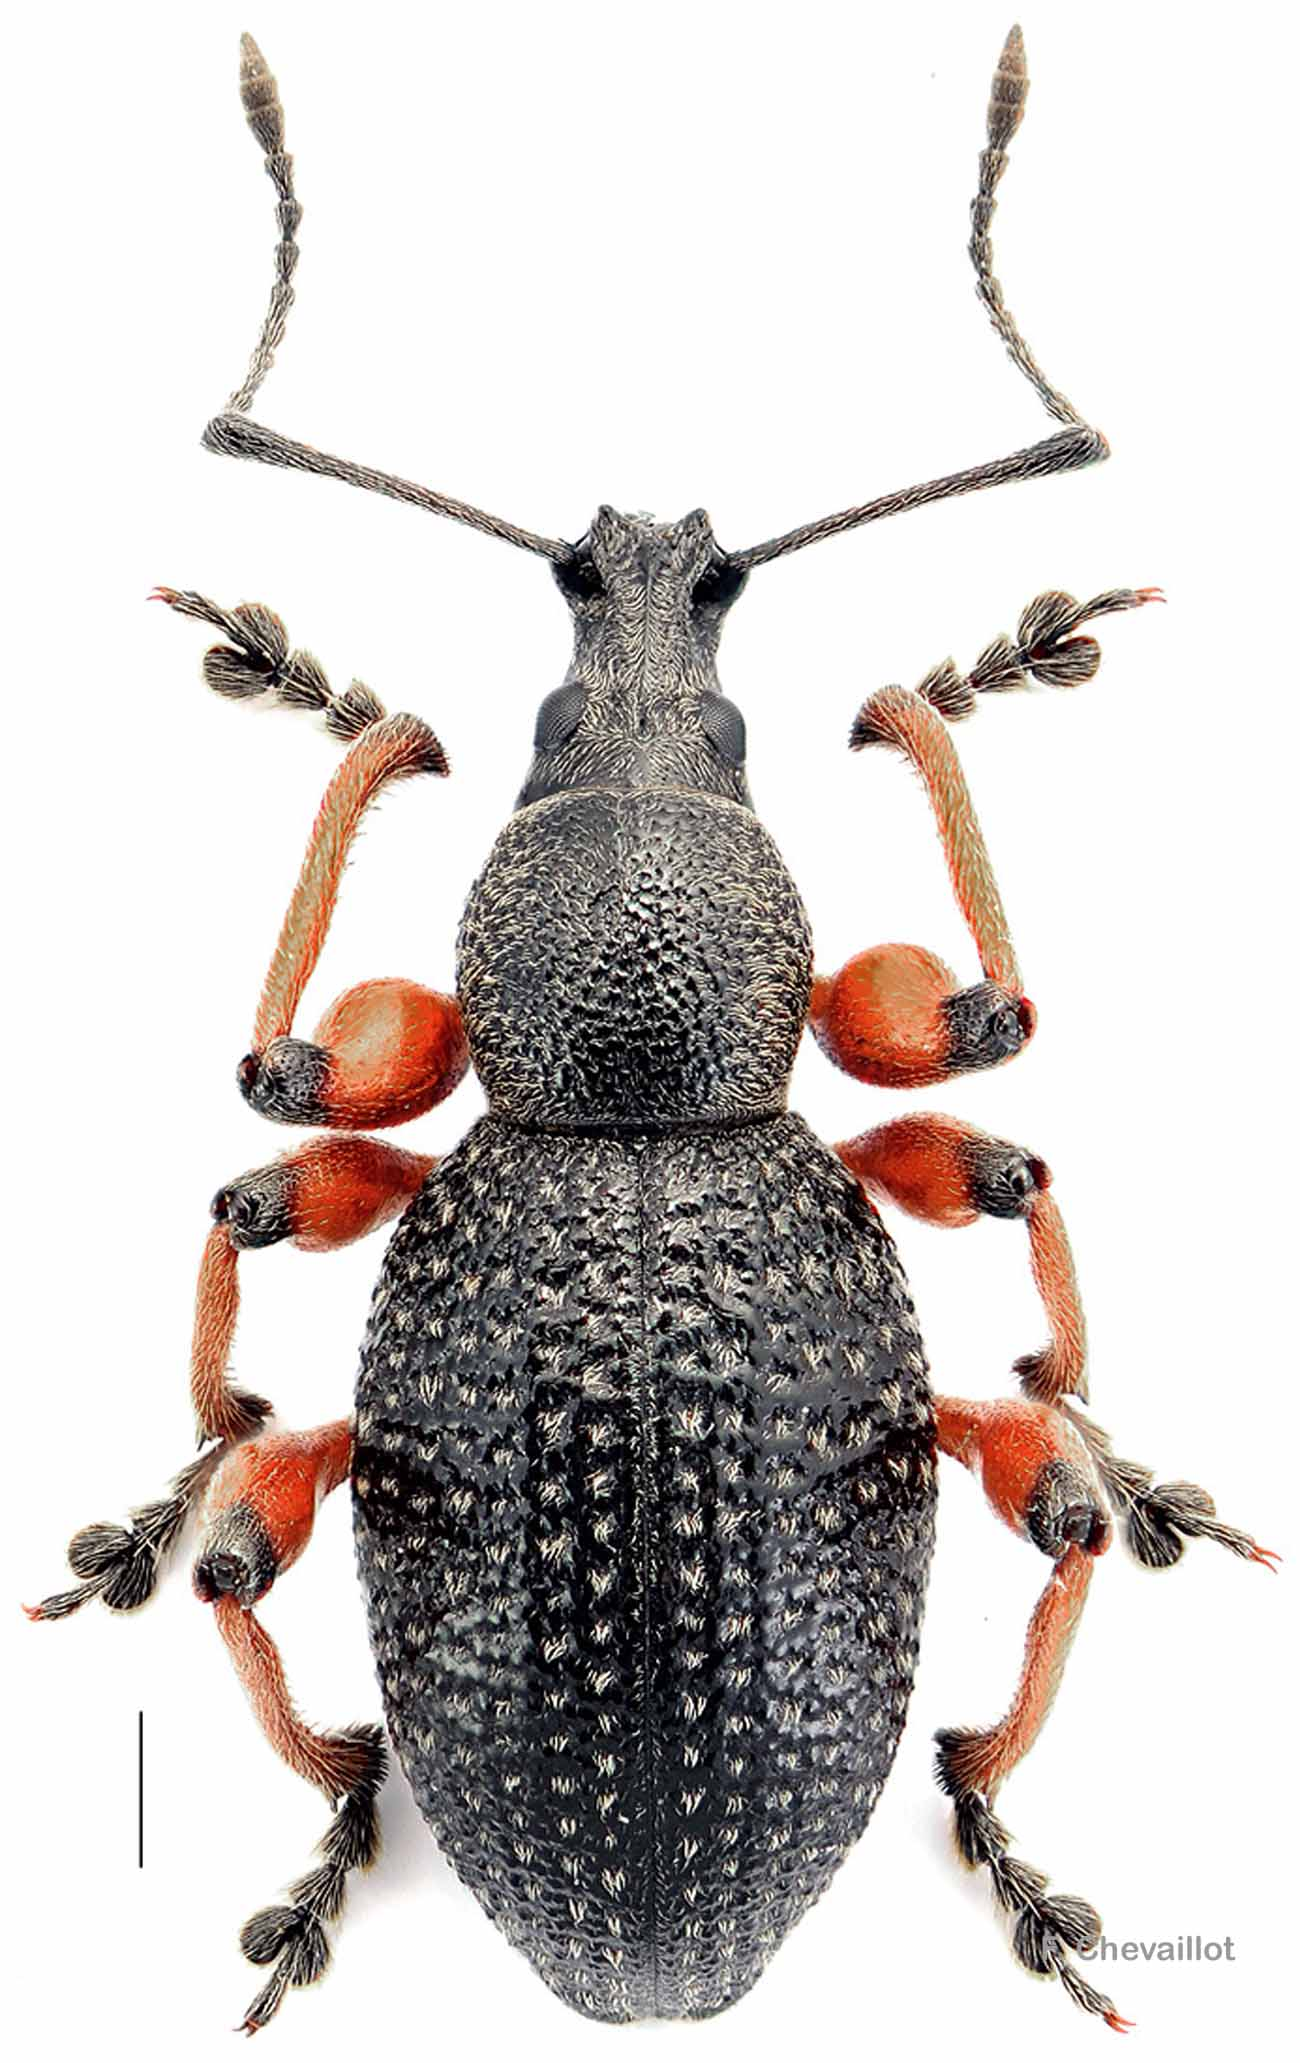 Otiorhynchus coecus